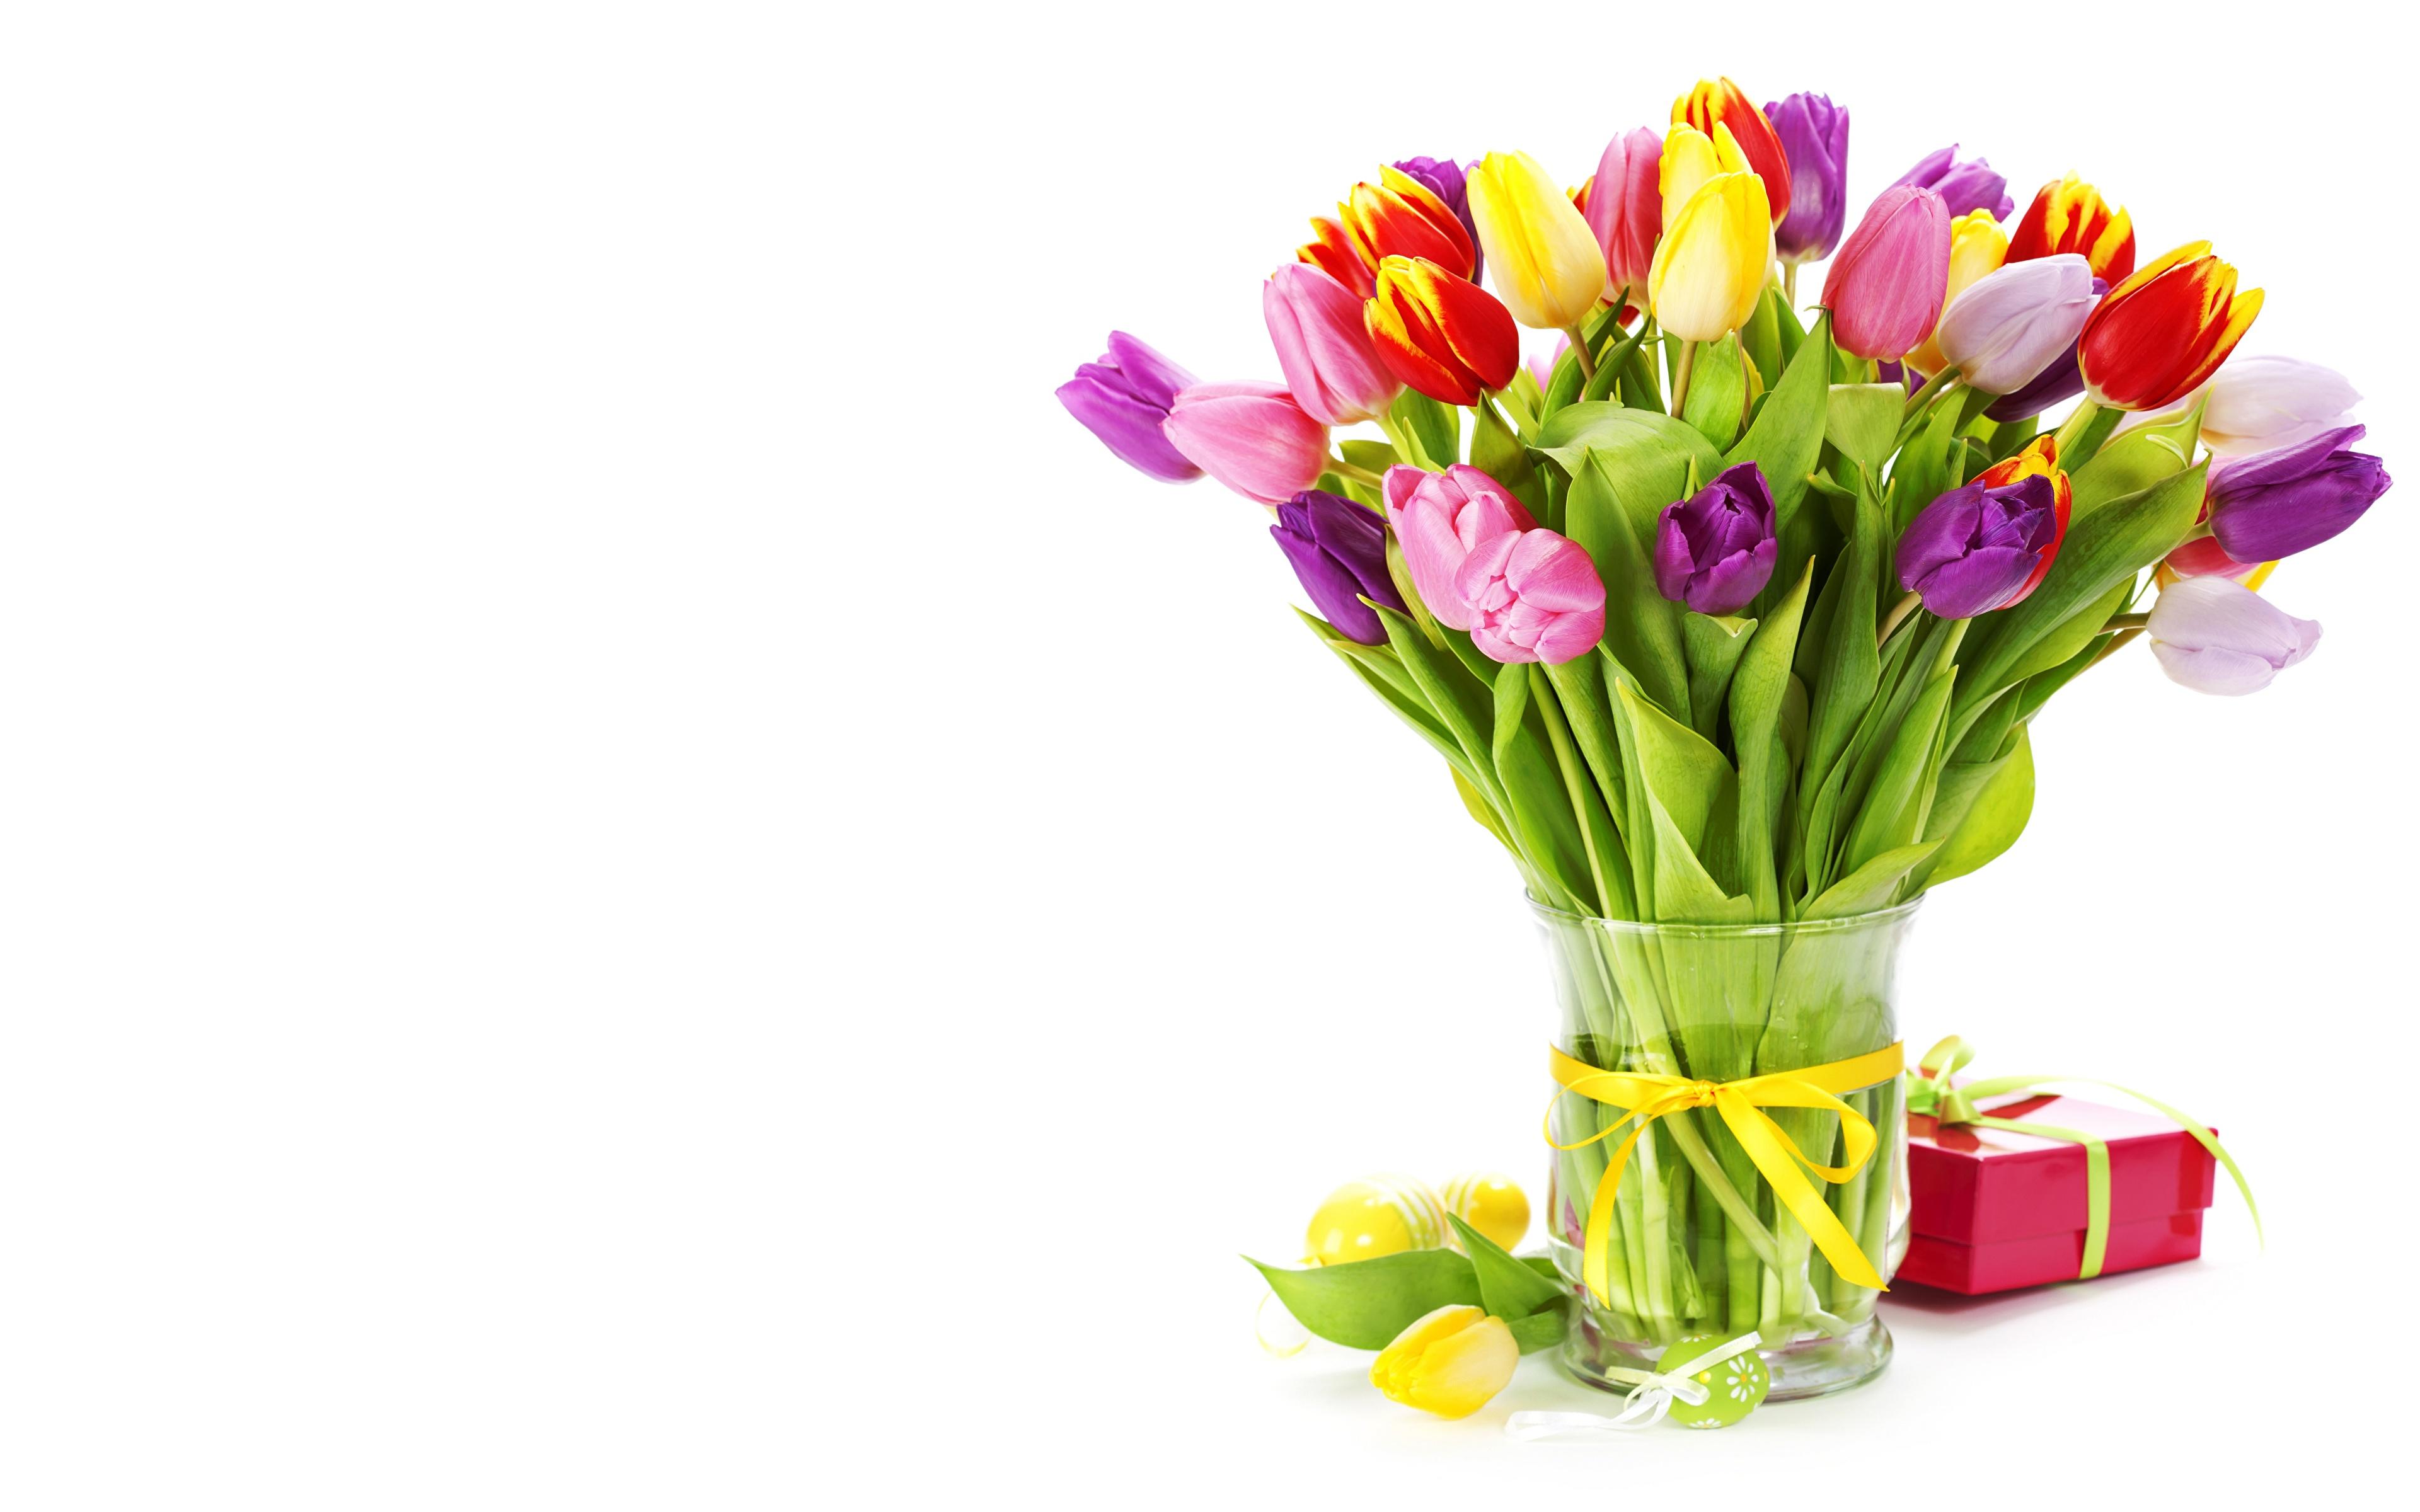 тюльпаны ваза море  № 1012860 загрузить